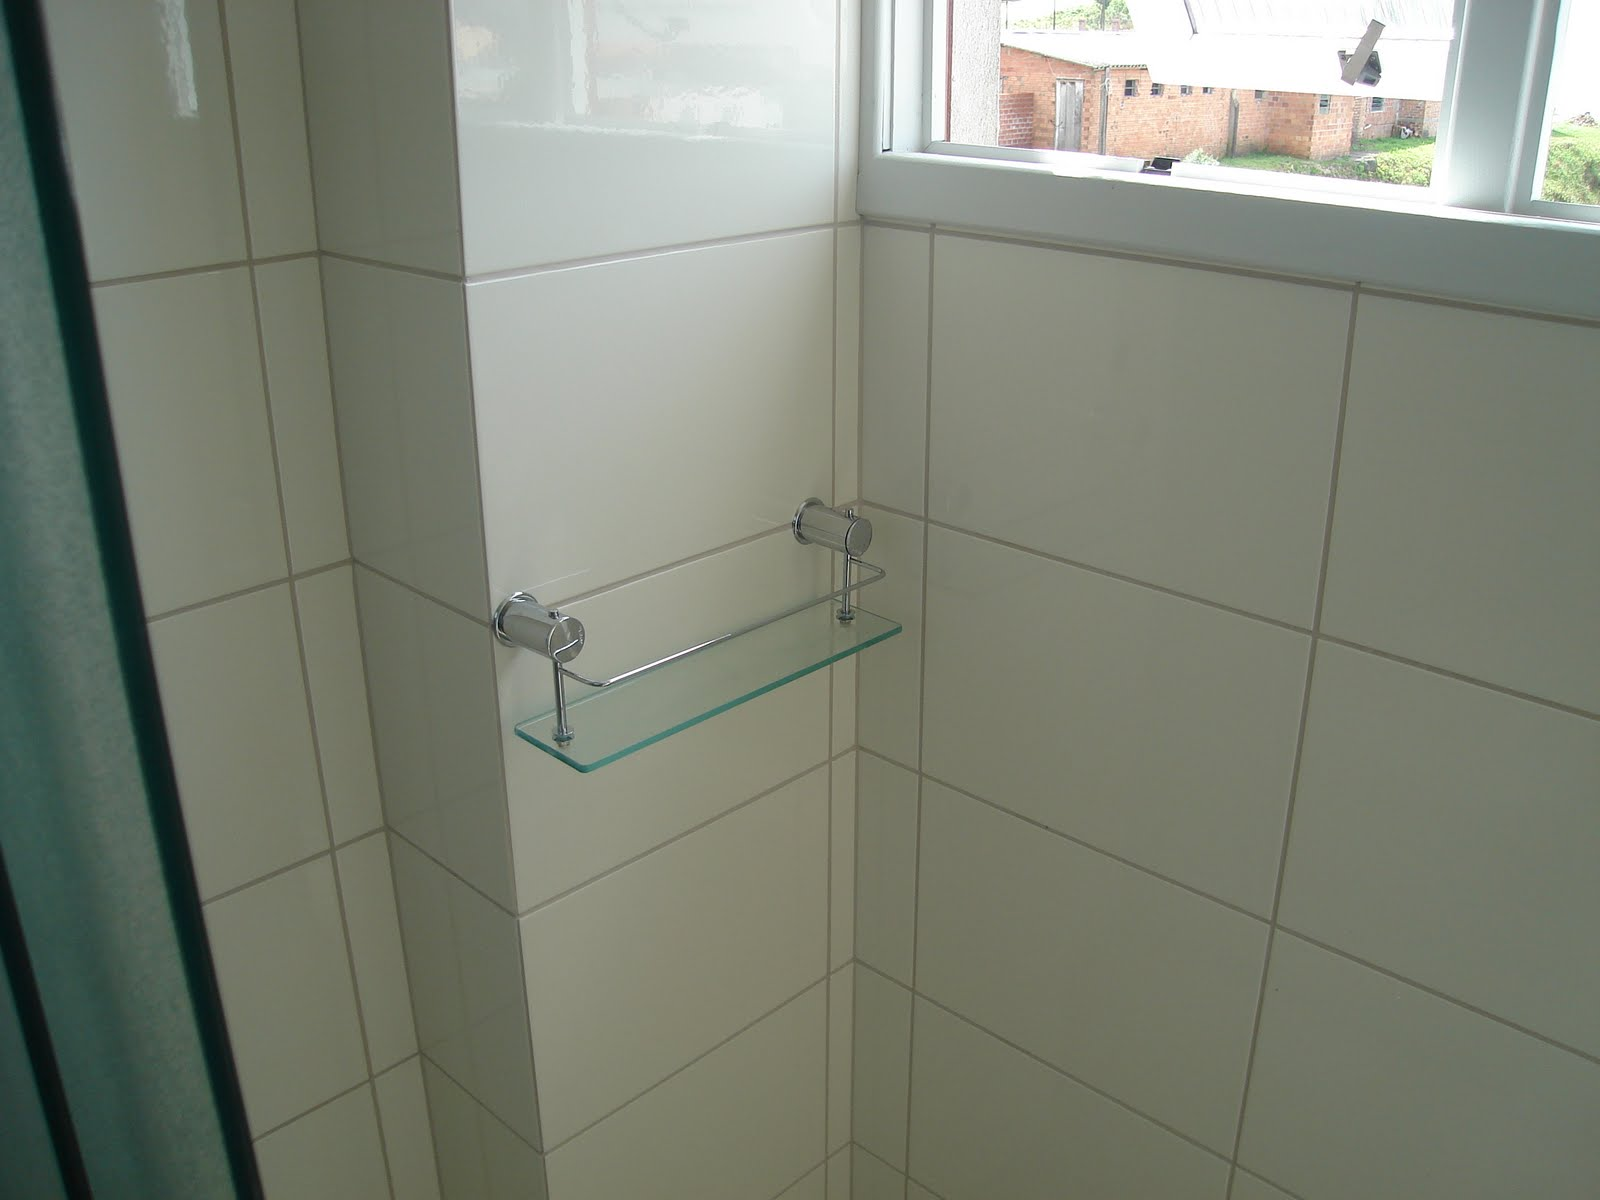 banheiros com porcelanatos e azulejos ceusa e rejunte epóxi da  #7E5B4D 1600x1200 Banheiro Branco Com Rejunte Azul